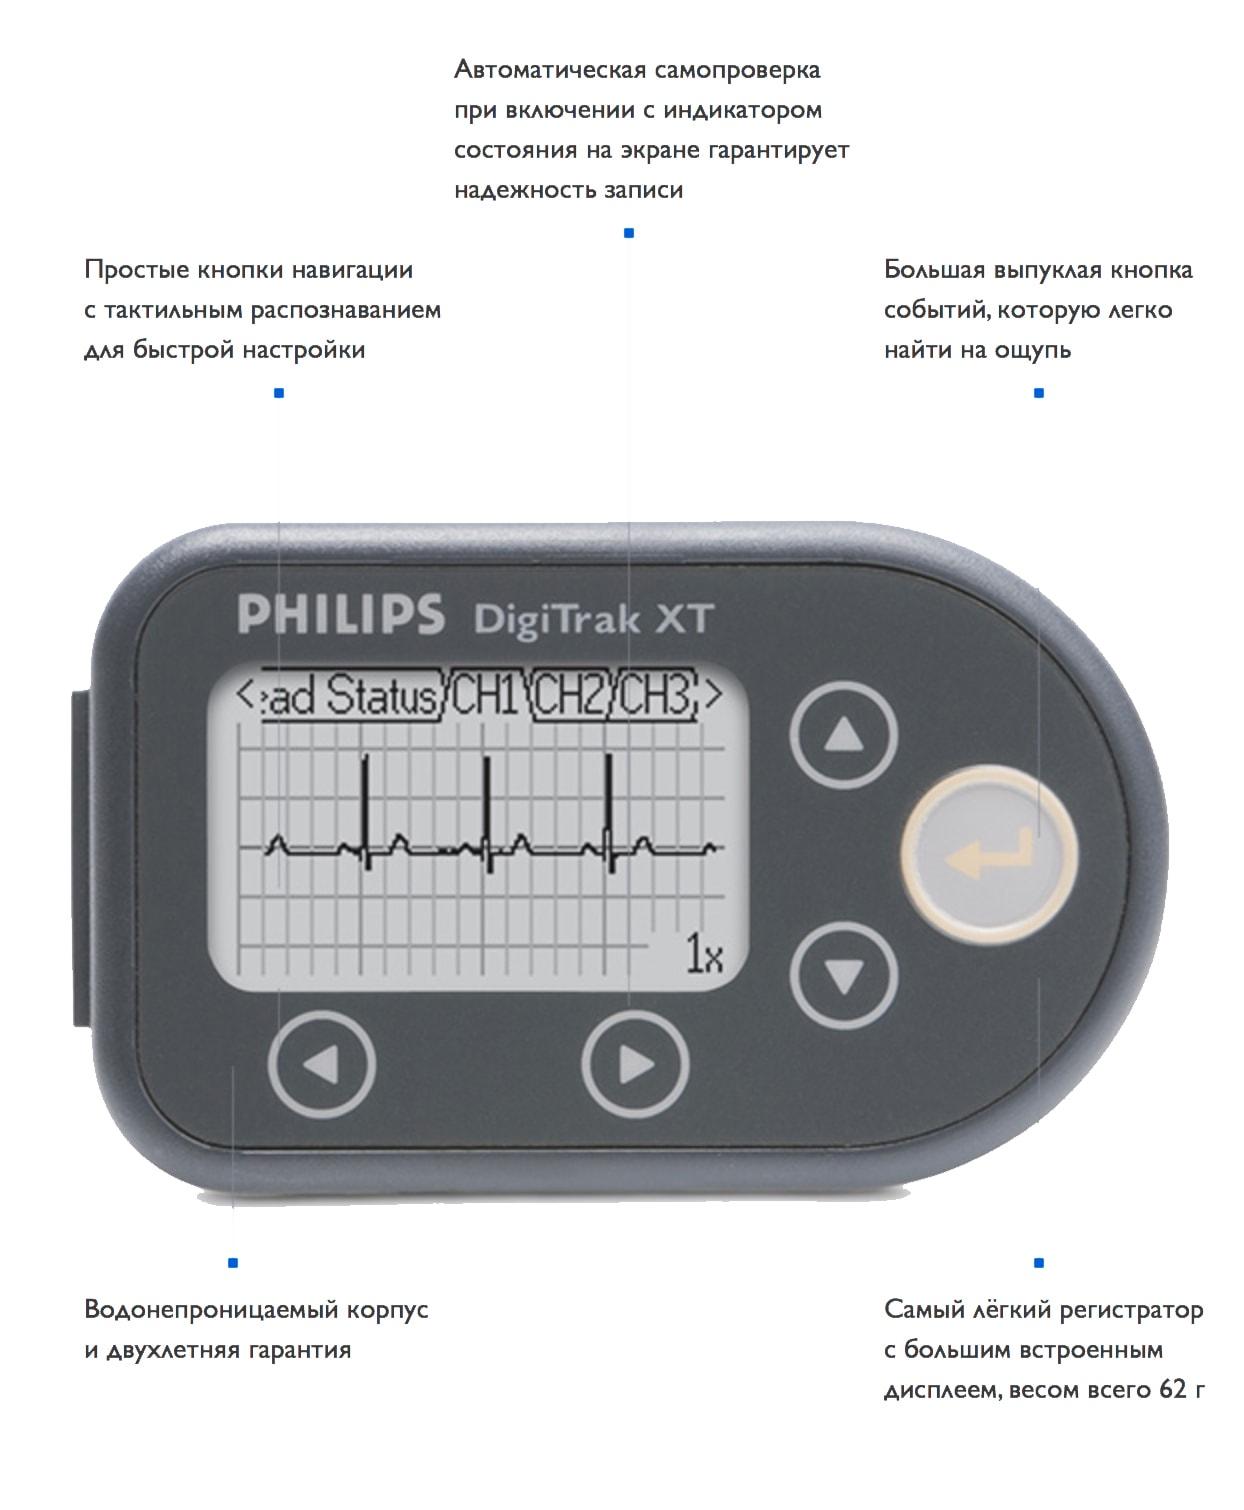 Иновации и инструкция по системе холтеровского мониторирования DigiTrak XT